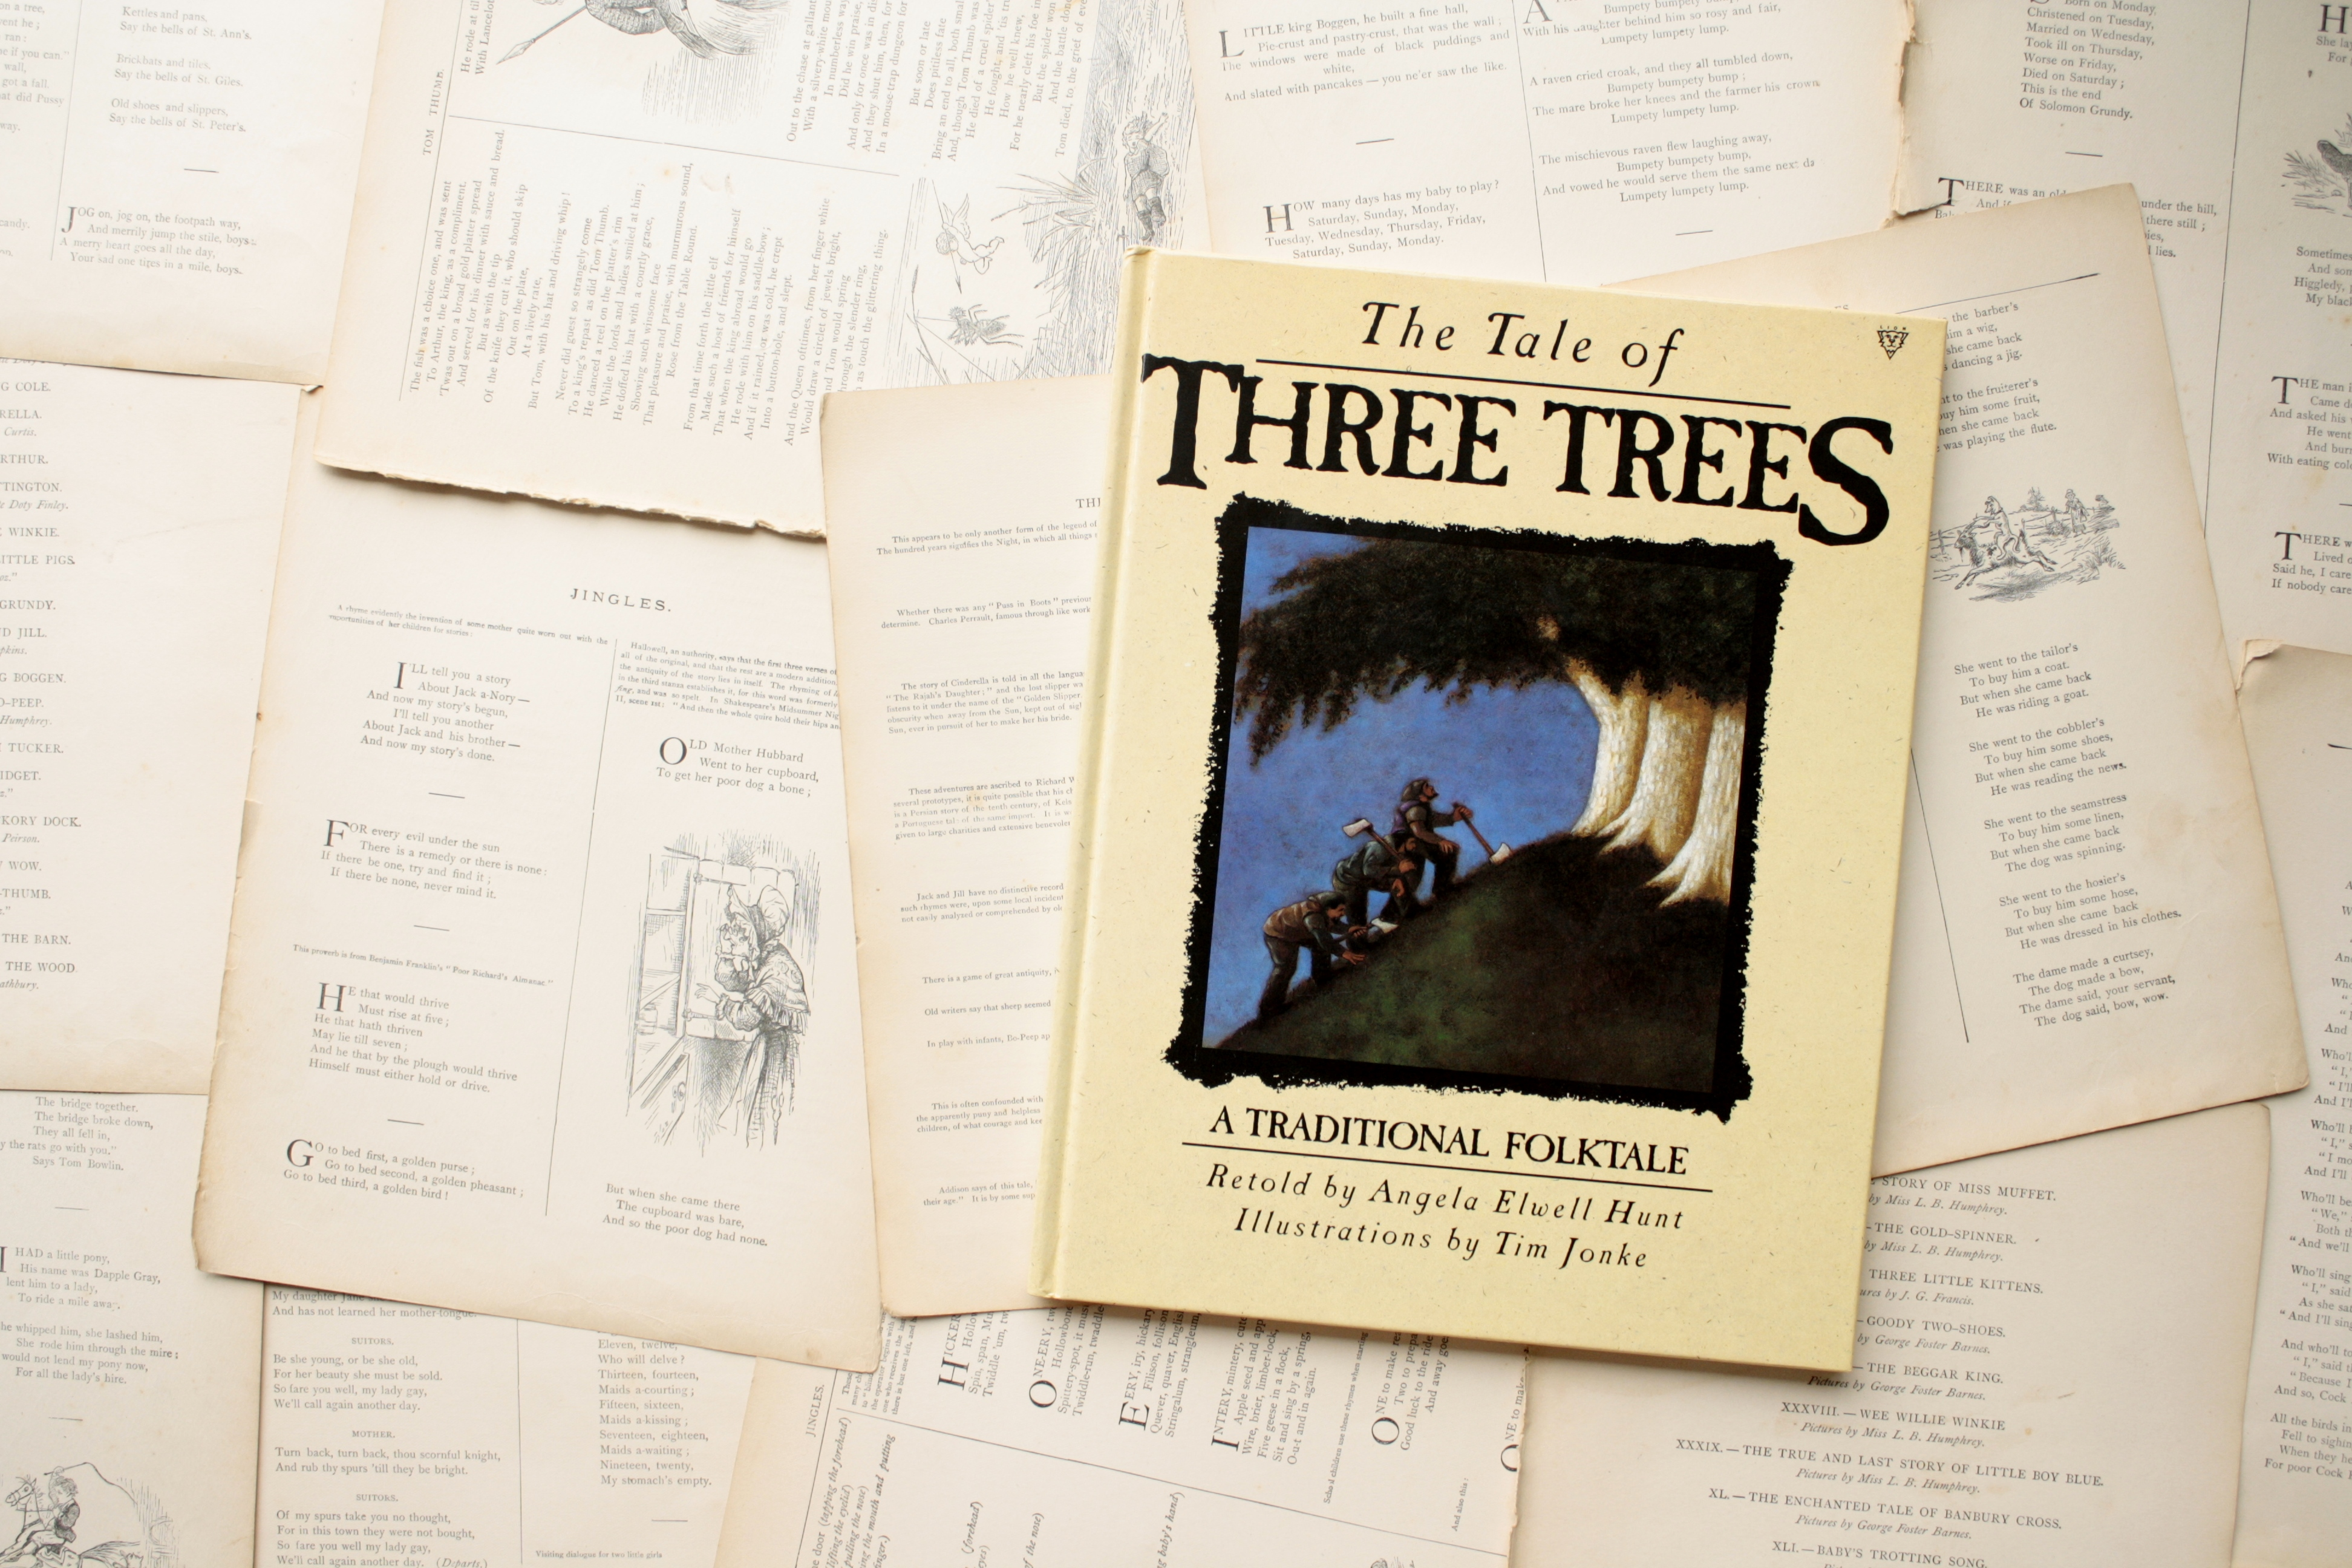 The Tale of Three Trees | Angela Elwell Hunt